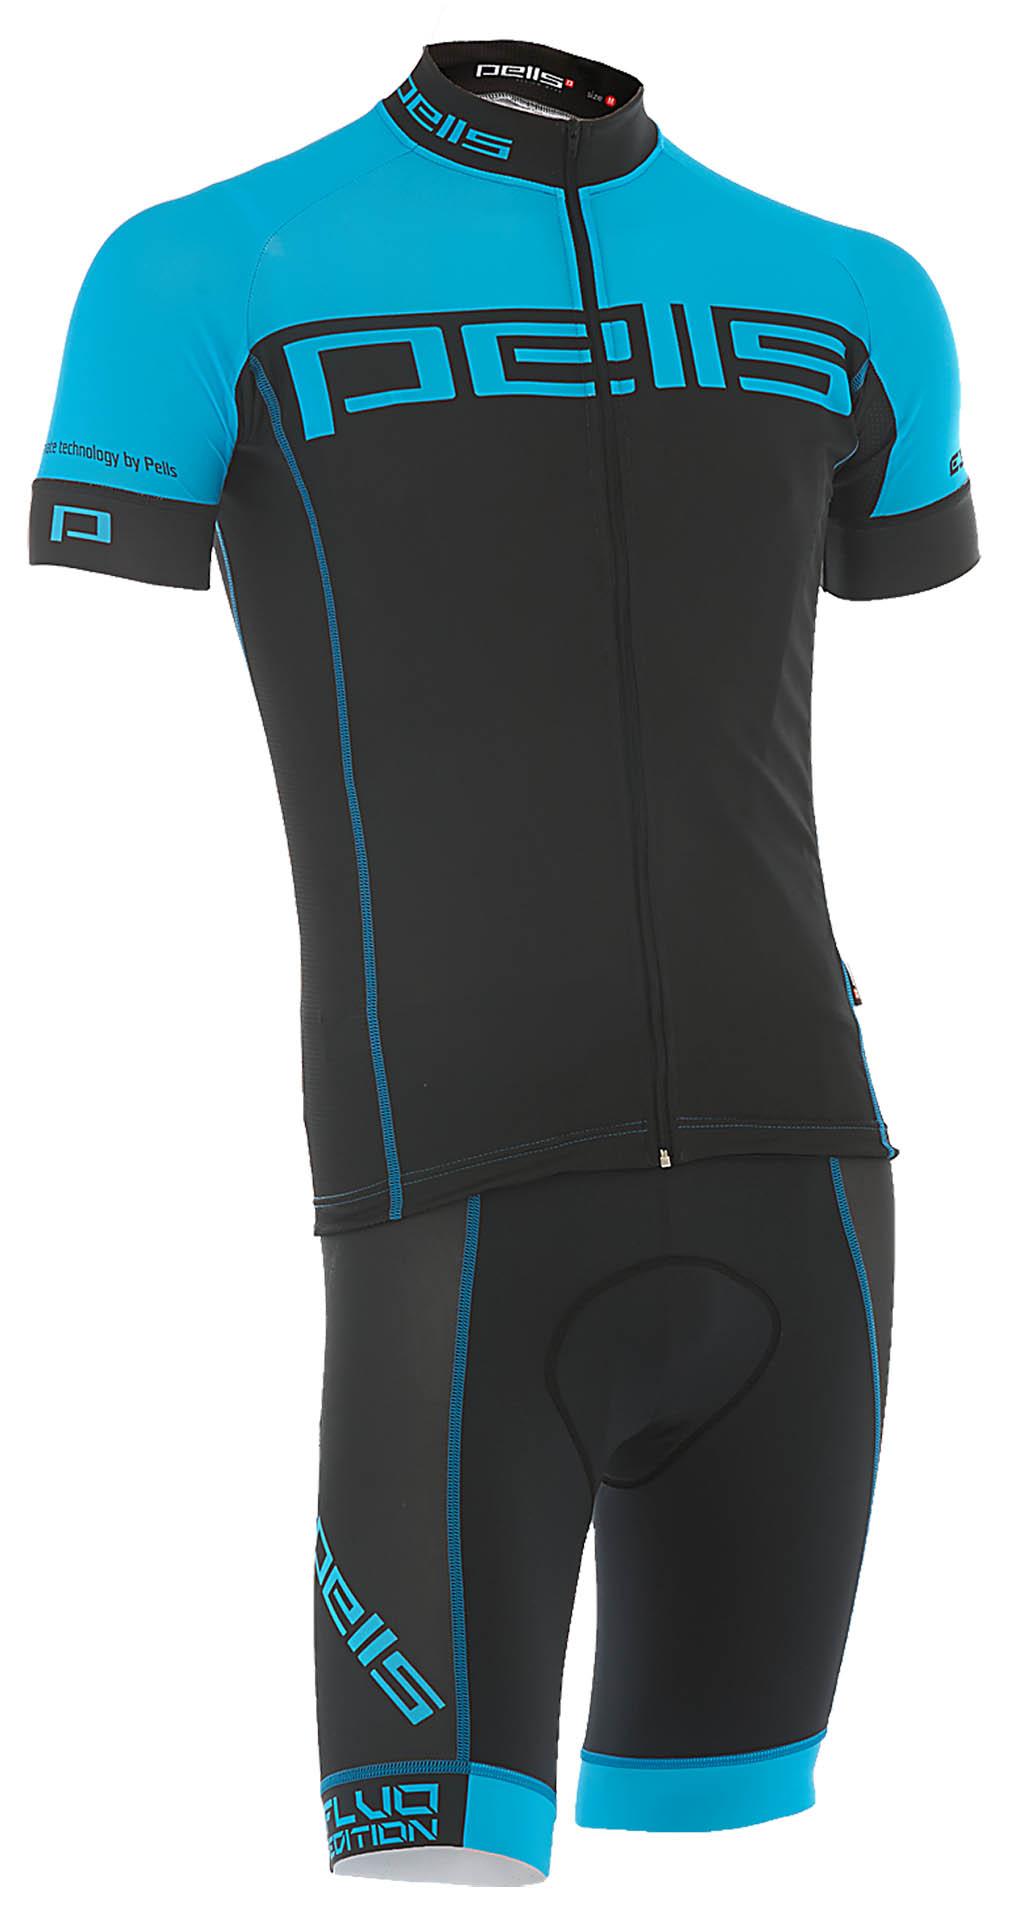 Pánský dres PELL'S FLUO, vel. XL, modrá, krátký rukáv - ZDARMA DOPRAVNÉ! (Pánský cyklistický dres PELL'S, vel. XL, krátký rukáv, barva modrá dle vyobrazení!)